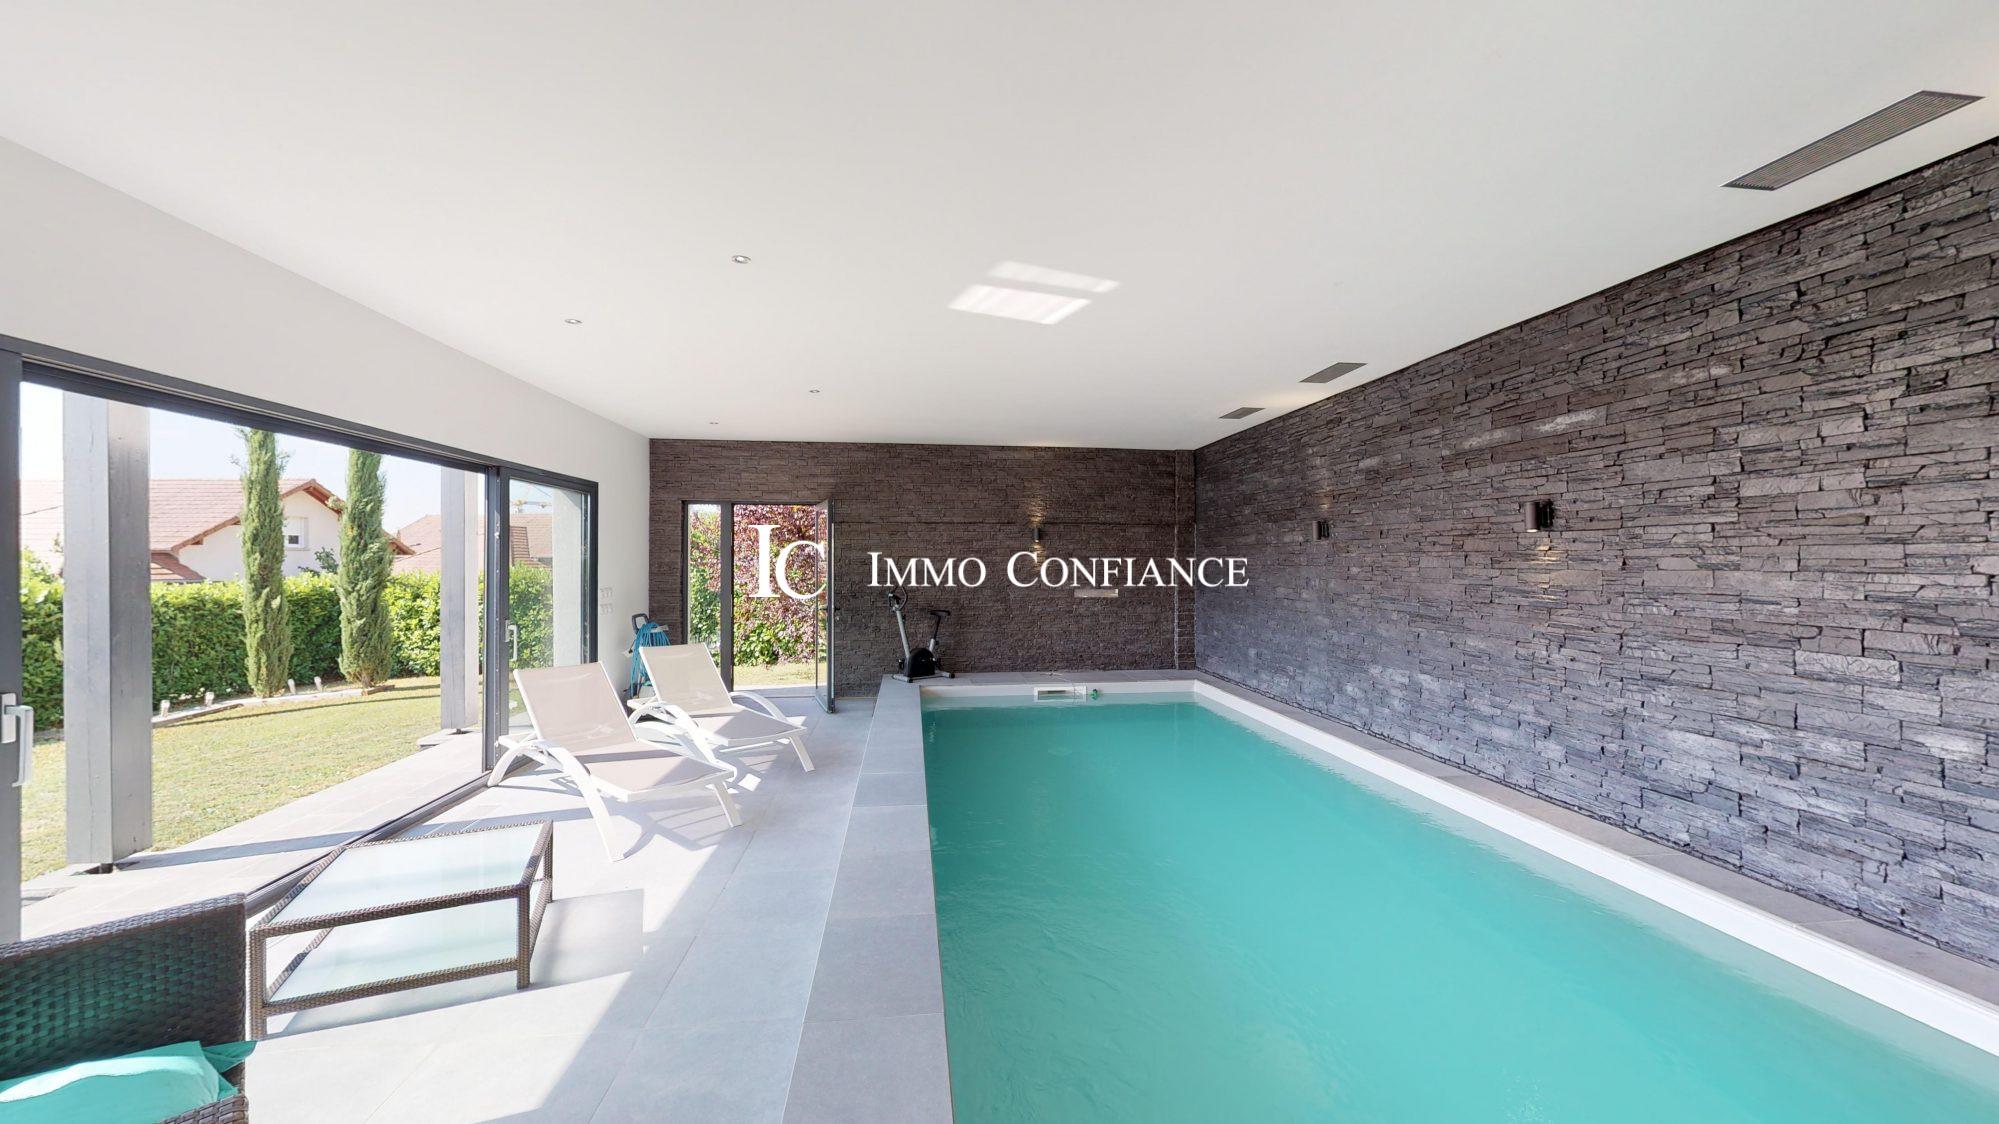 Maison Contemporaine Crozet (Pays De Gex) 246.01 M² serapportantà Maison Piscine Intérieure